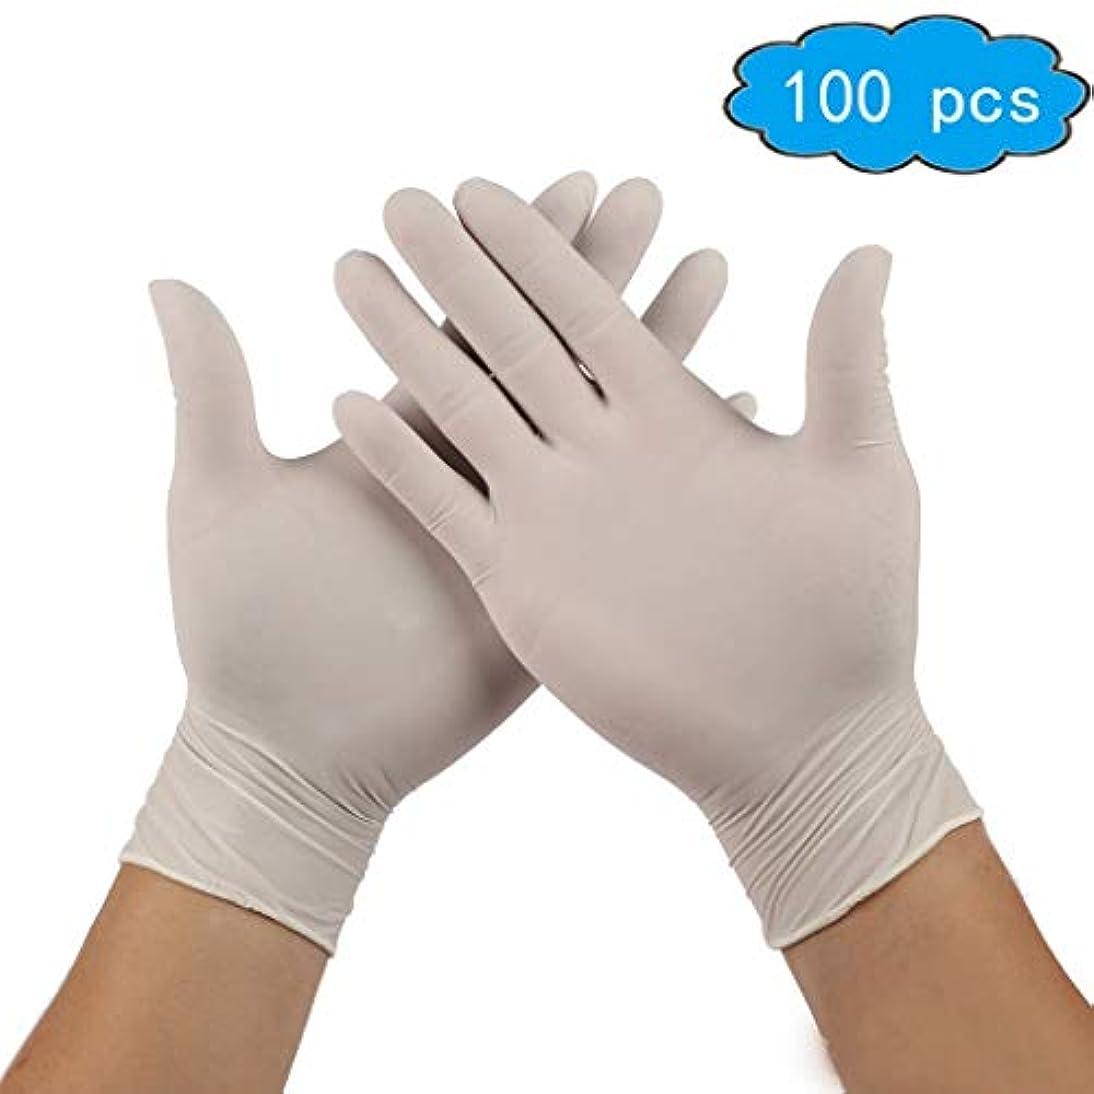 研究所ベスト心臓使い捨てニトリル手袋 - 医療グレード、非滅菌、食品安全、100のパック (Color : White, Size : M)